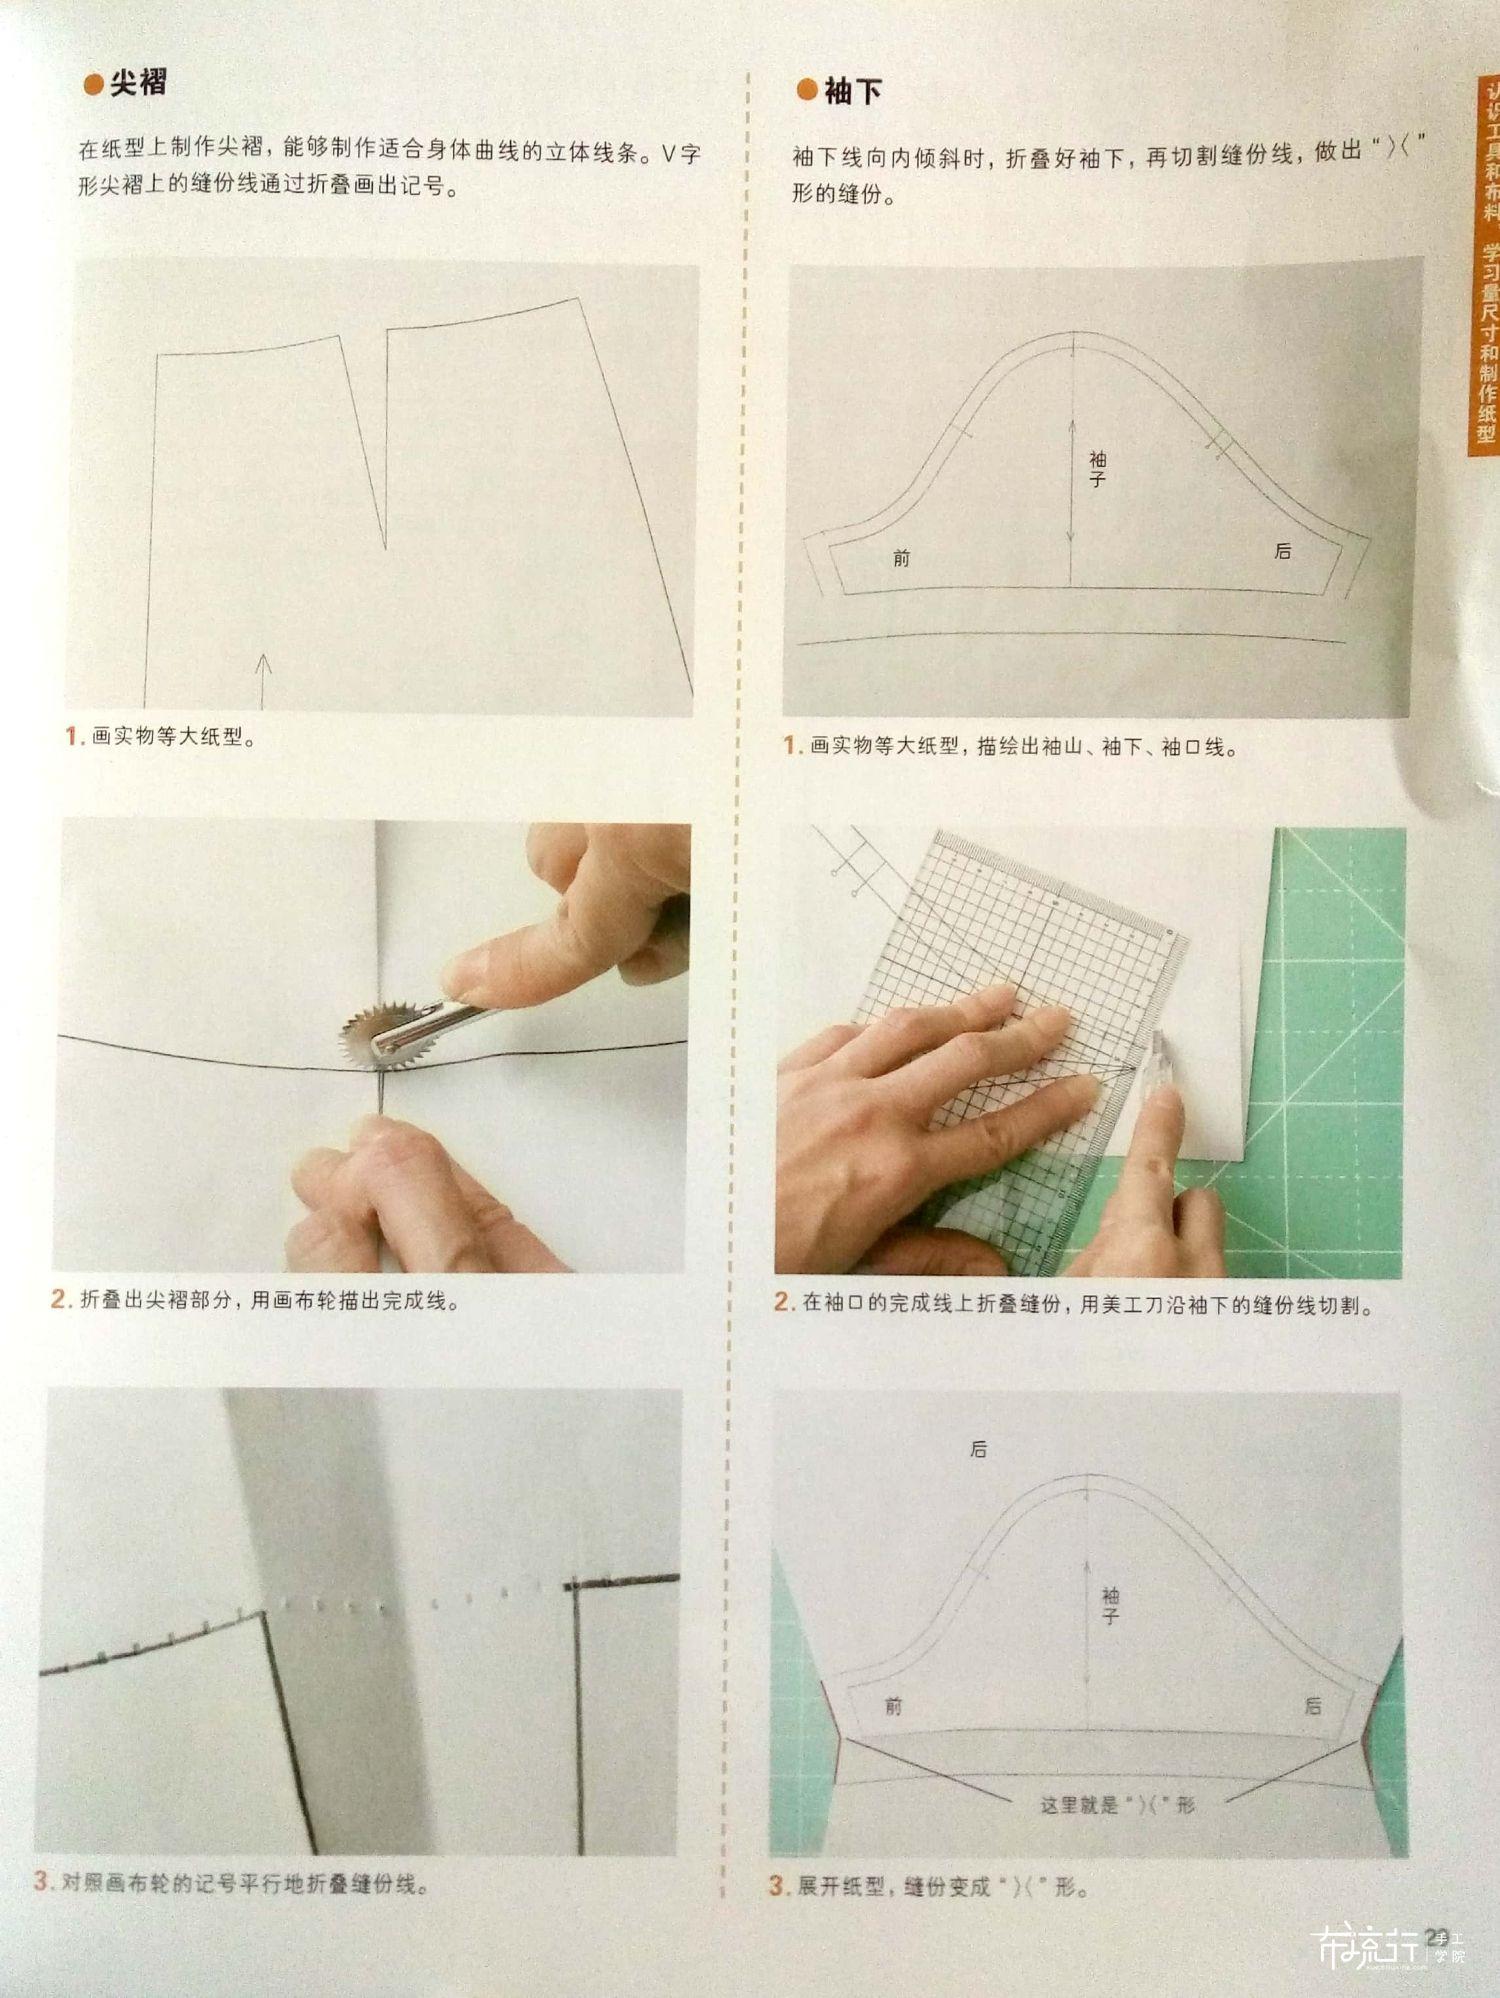 分享一个画袖口和尖褶的缝份线的技巧